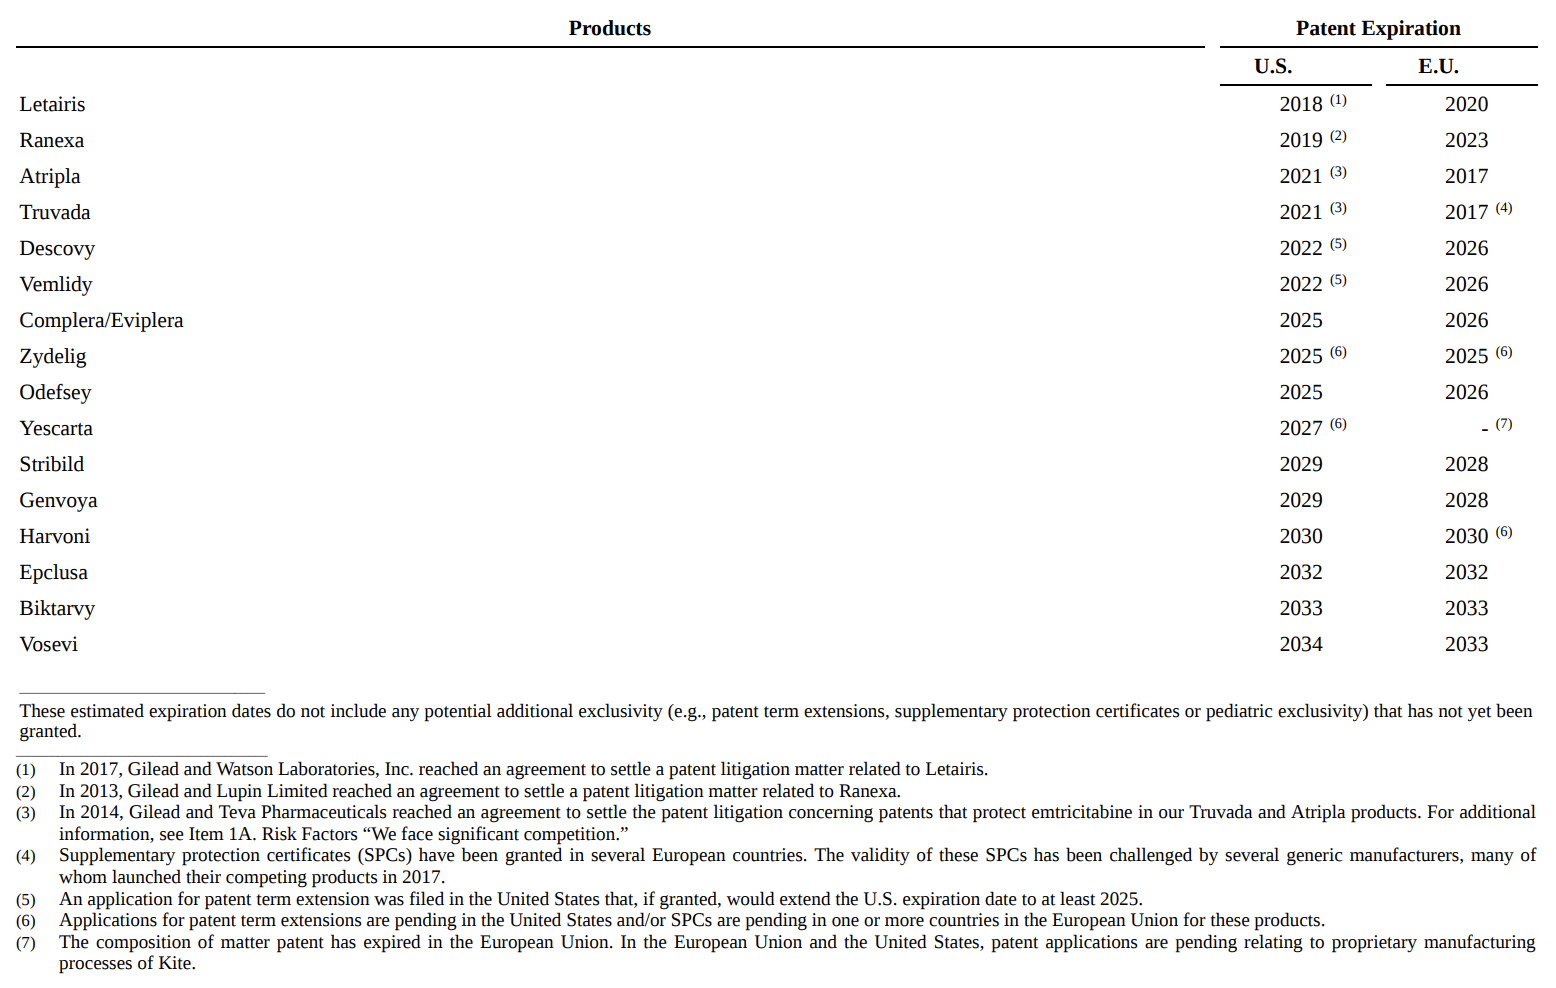 Когда истекает срок действия патентов компании на определенные лекарства — разные даты в США и ЕС. Источник: годовой отчет компании, стр. 7 (8)